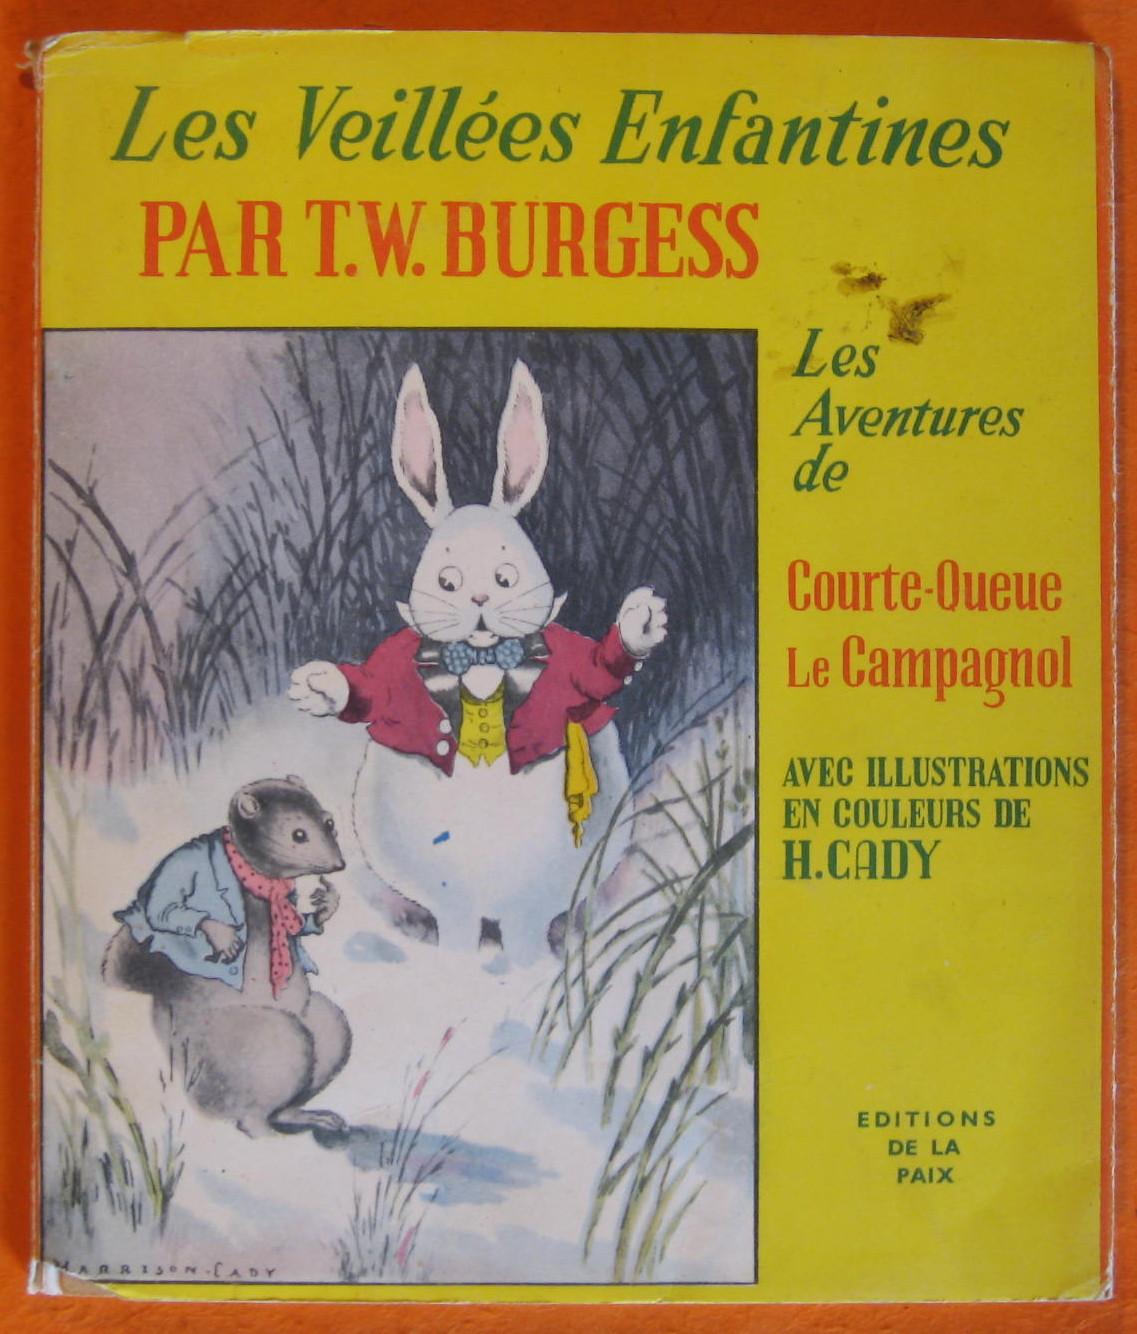 Les Aventures De Courte-Queue Le Campagnol  (Les Veillees Enfantines Par T.W. Burgess), Burgess, T.W.